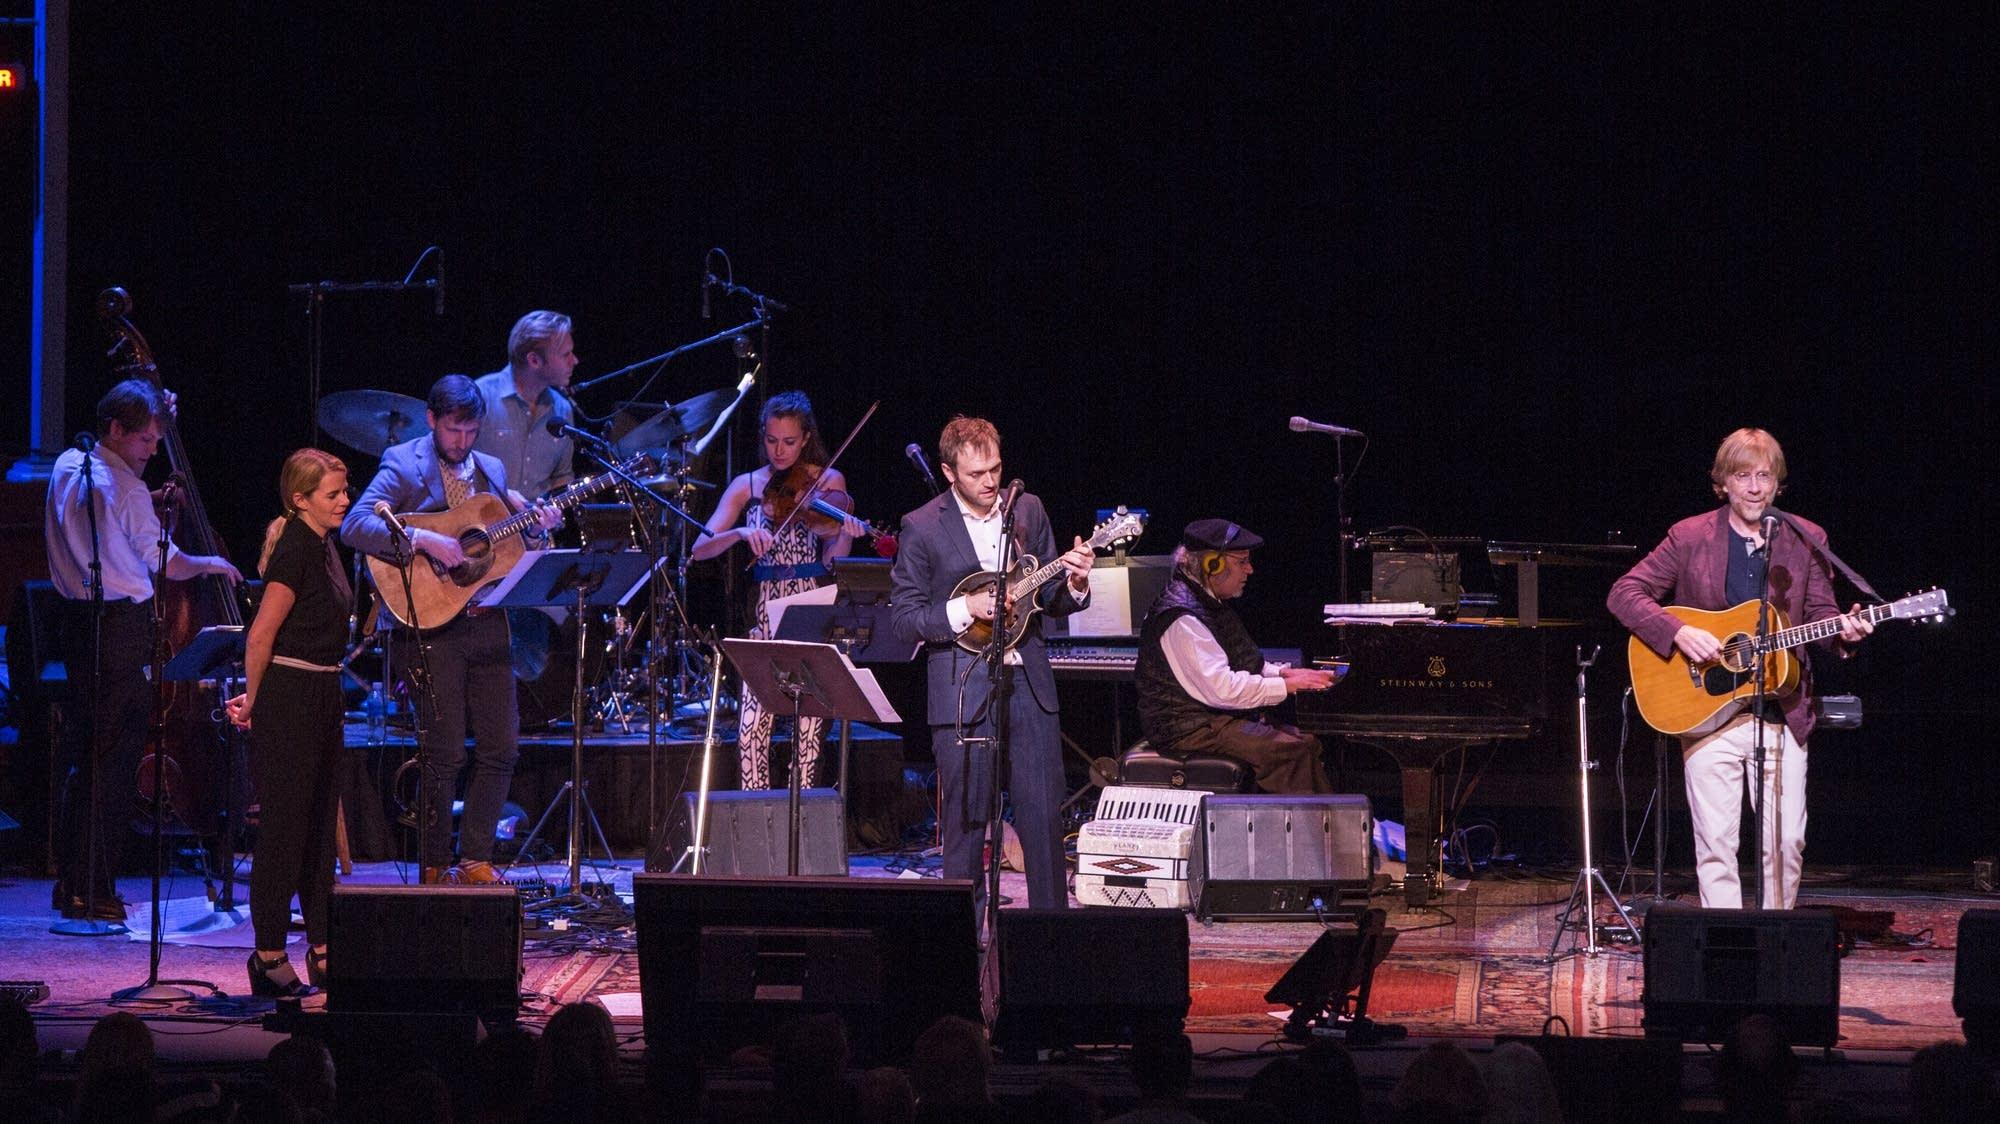 Trey Anastasio with Chris Thile, Aoife O'Donovan, and the band